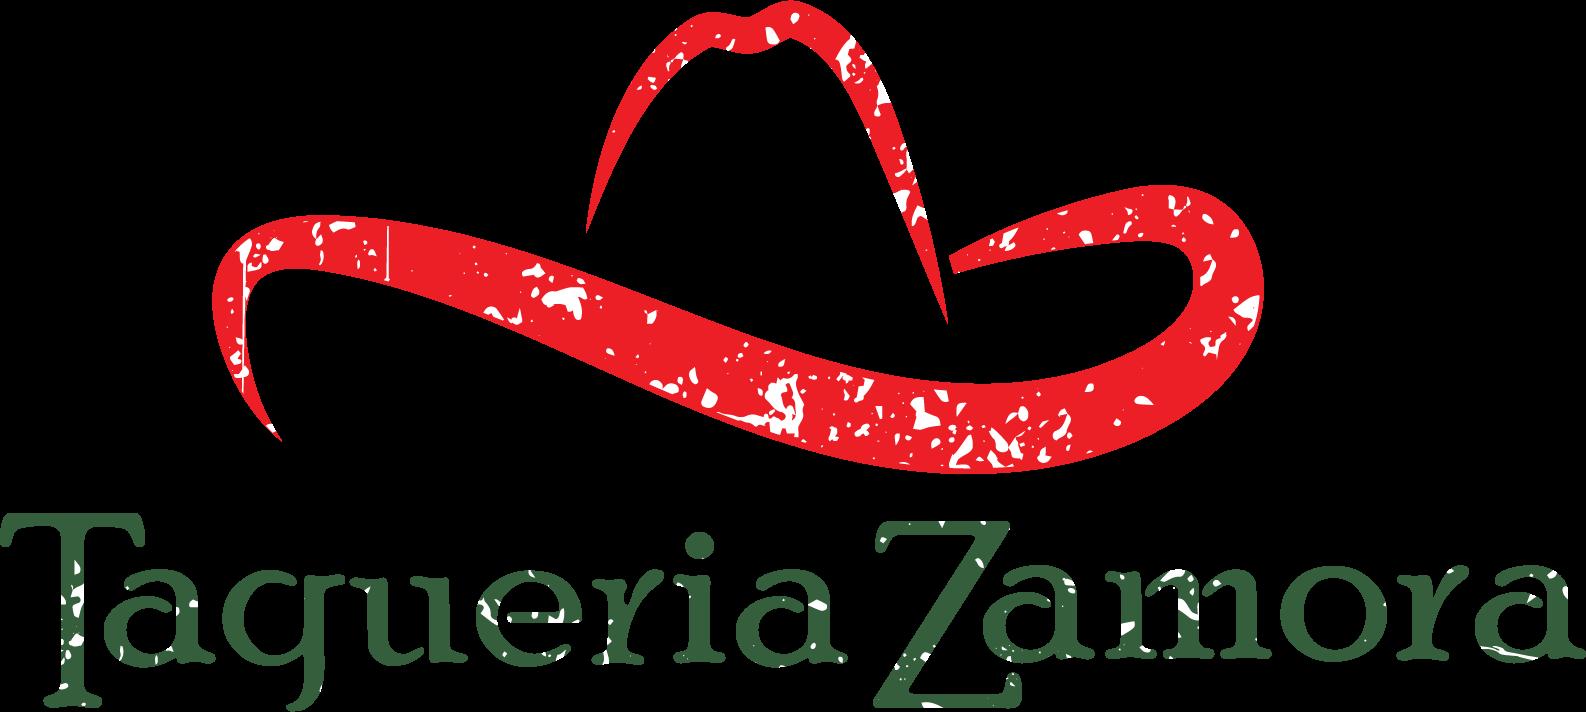 Taqueria Zamora_logo